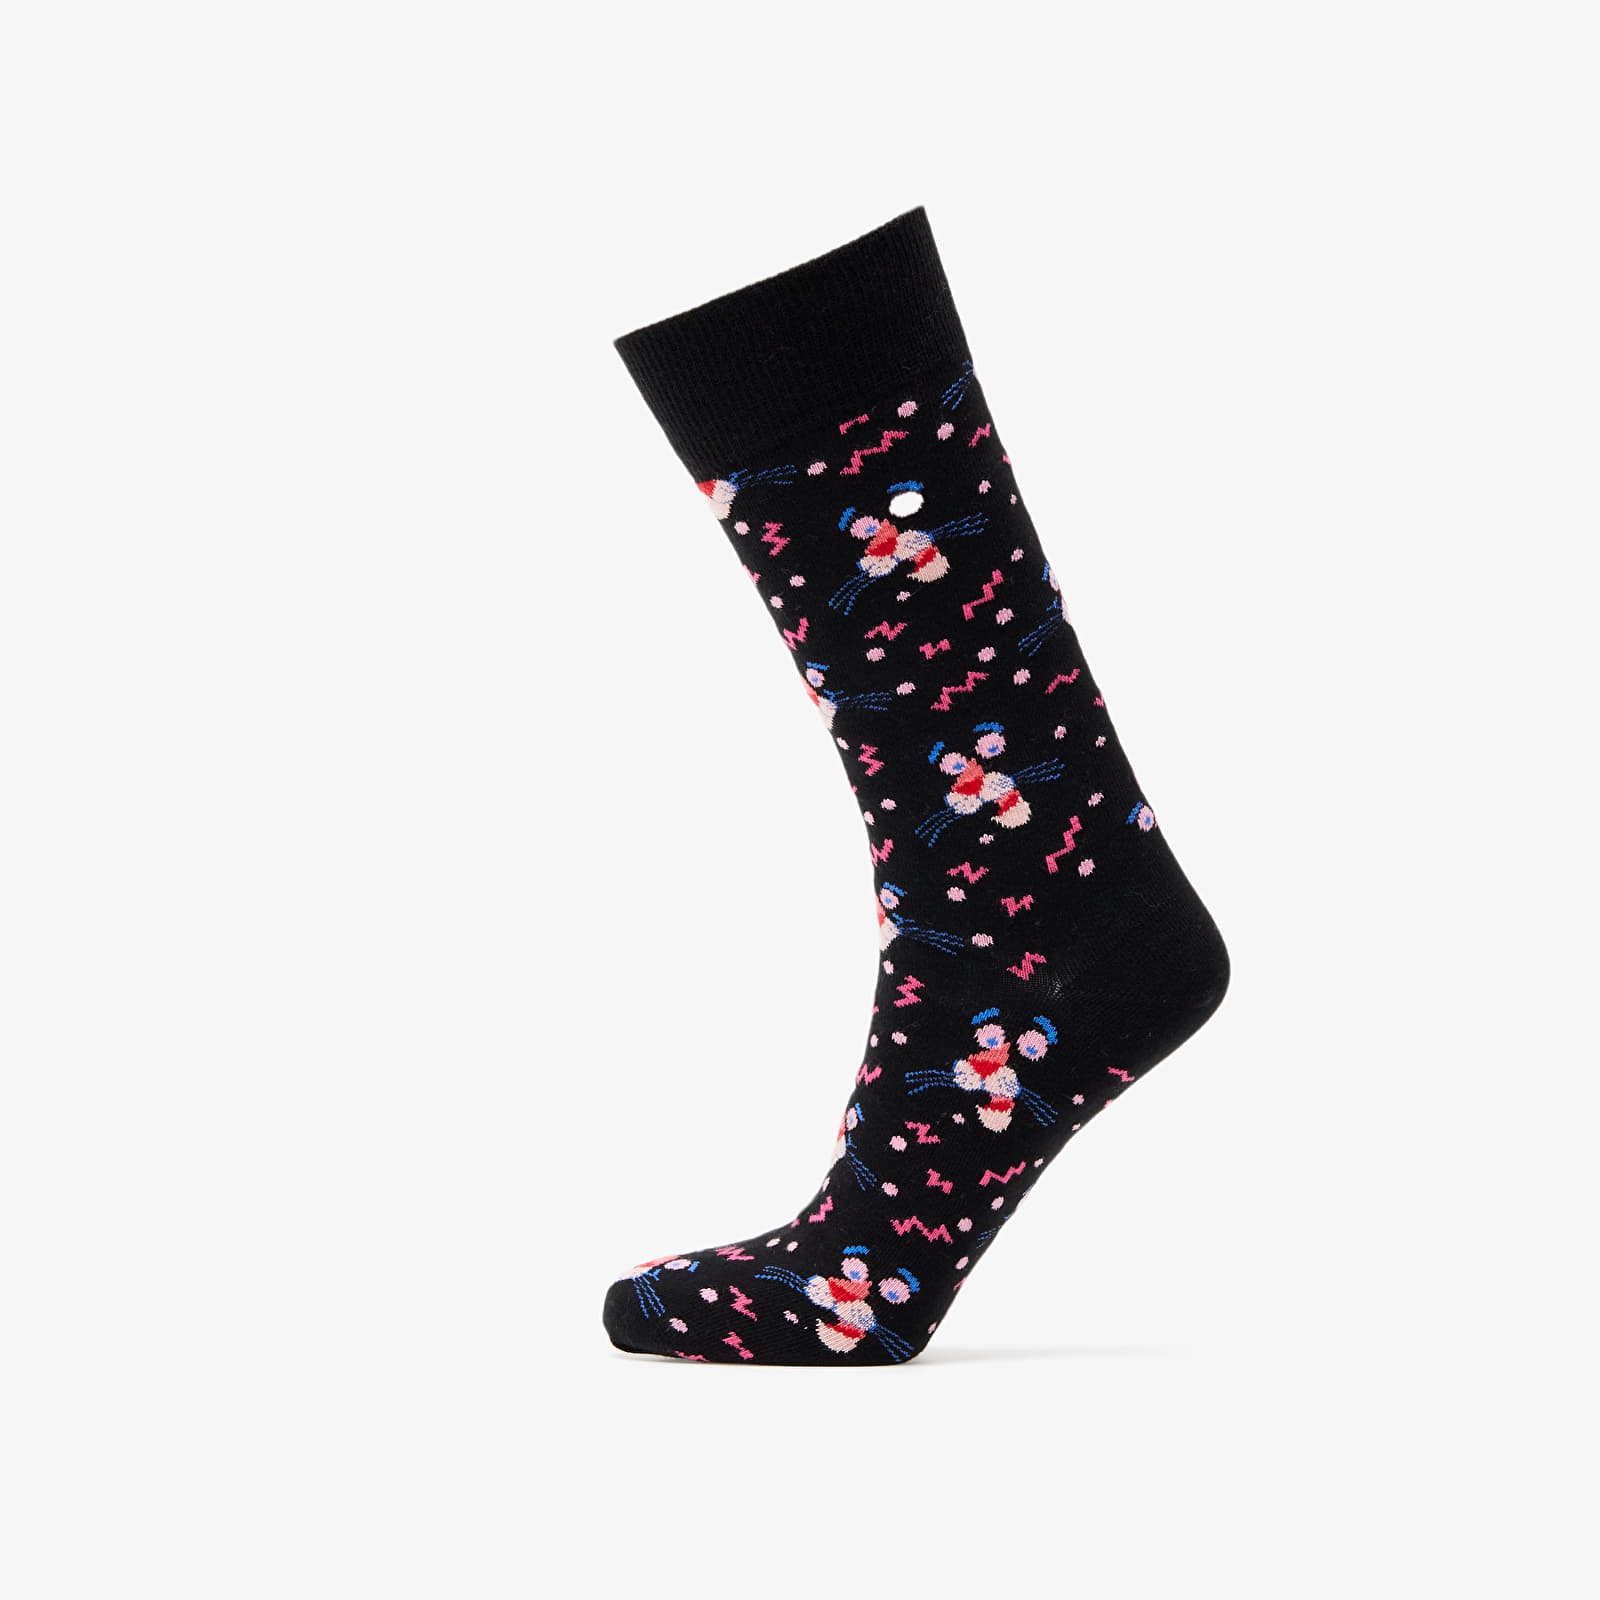 Socken Happy Socks x Pink Panther Pink Panic Socks Pink